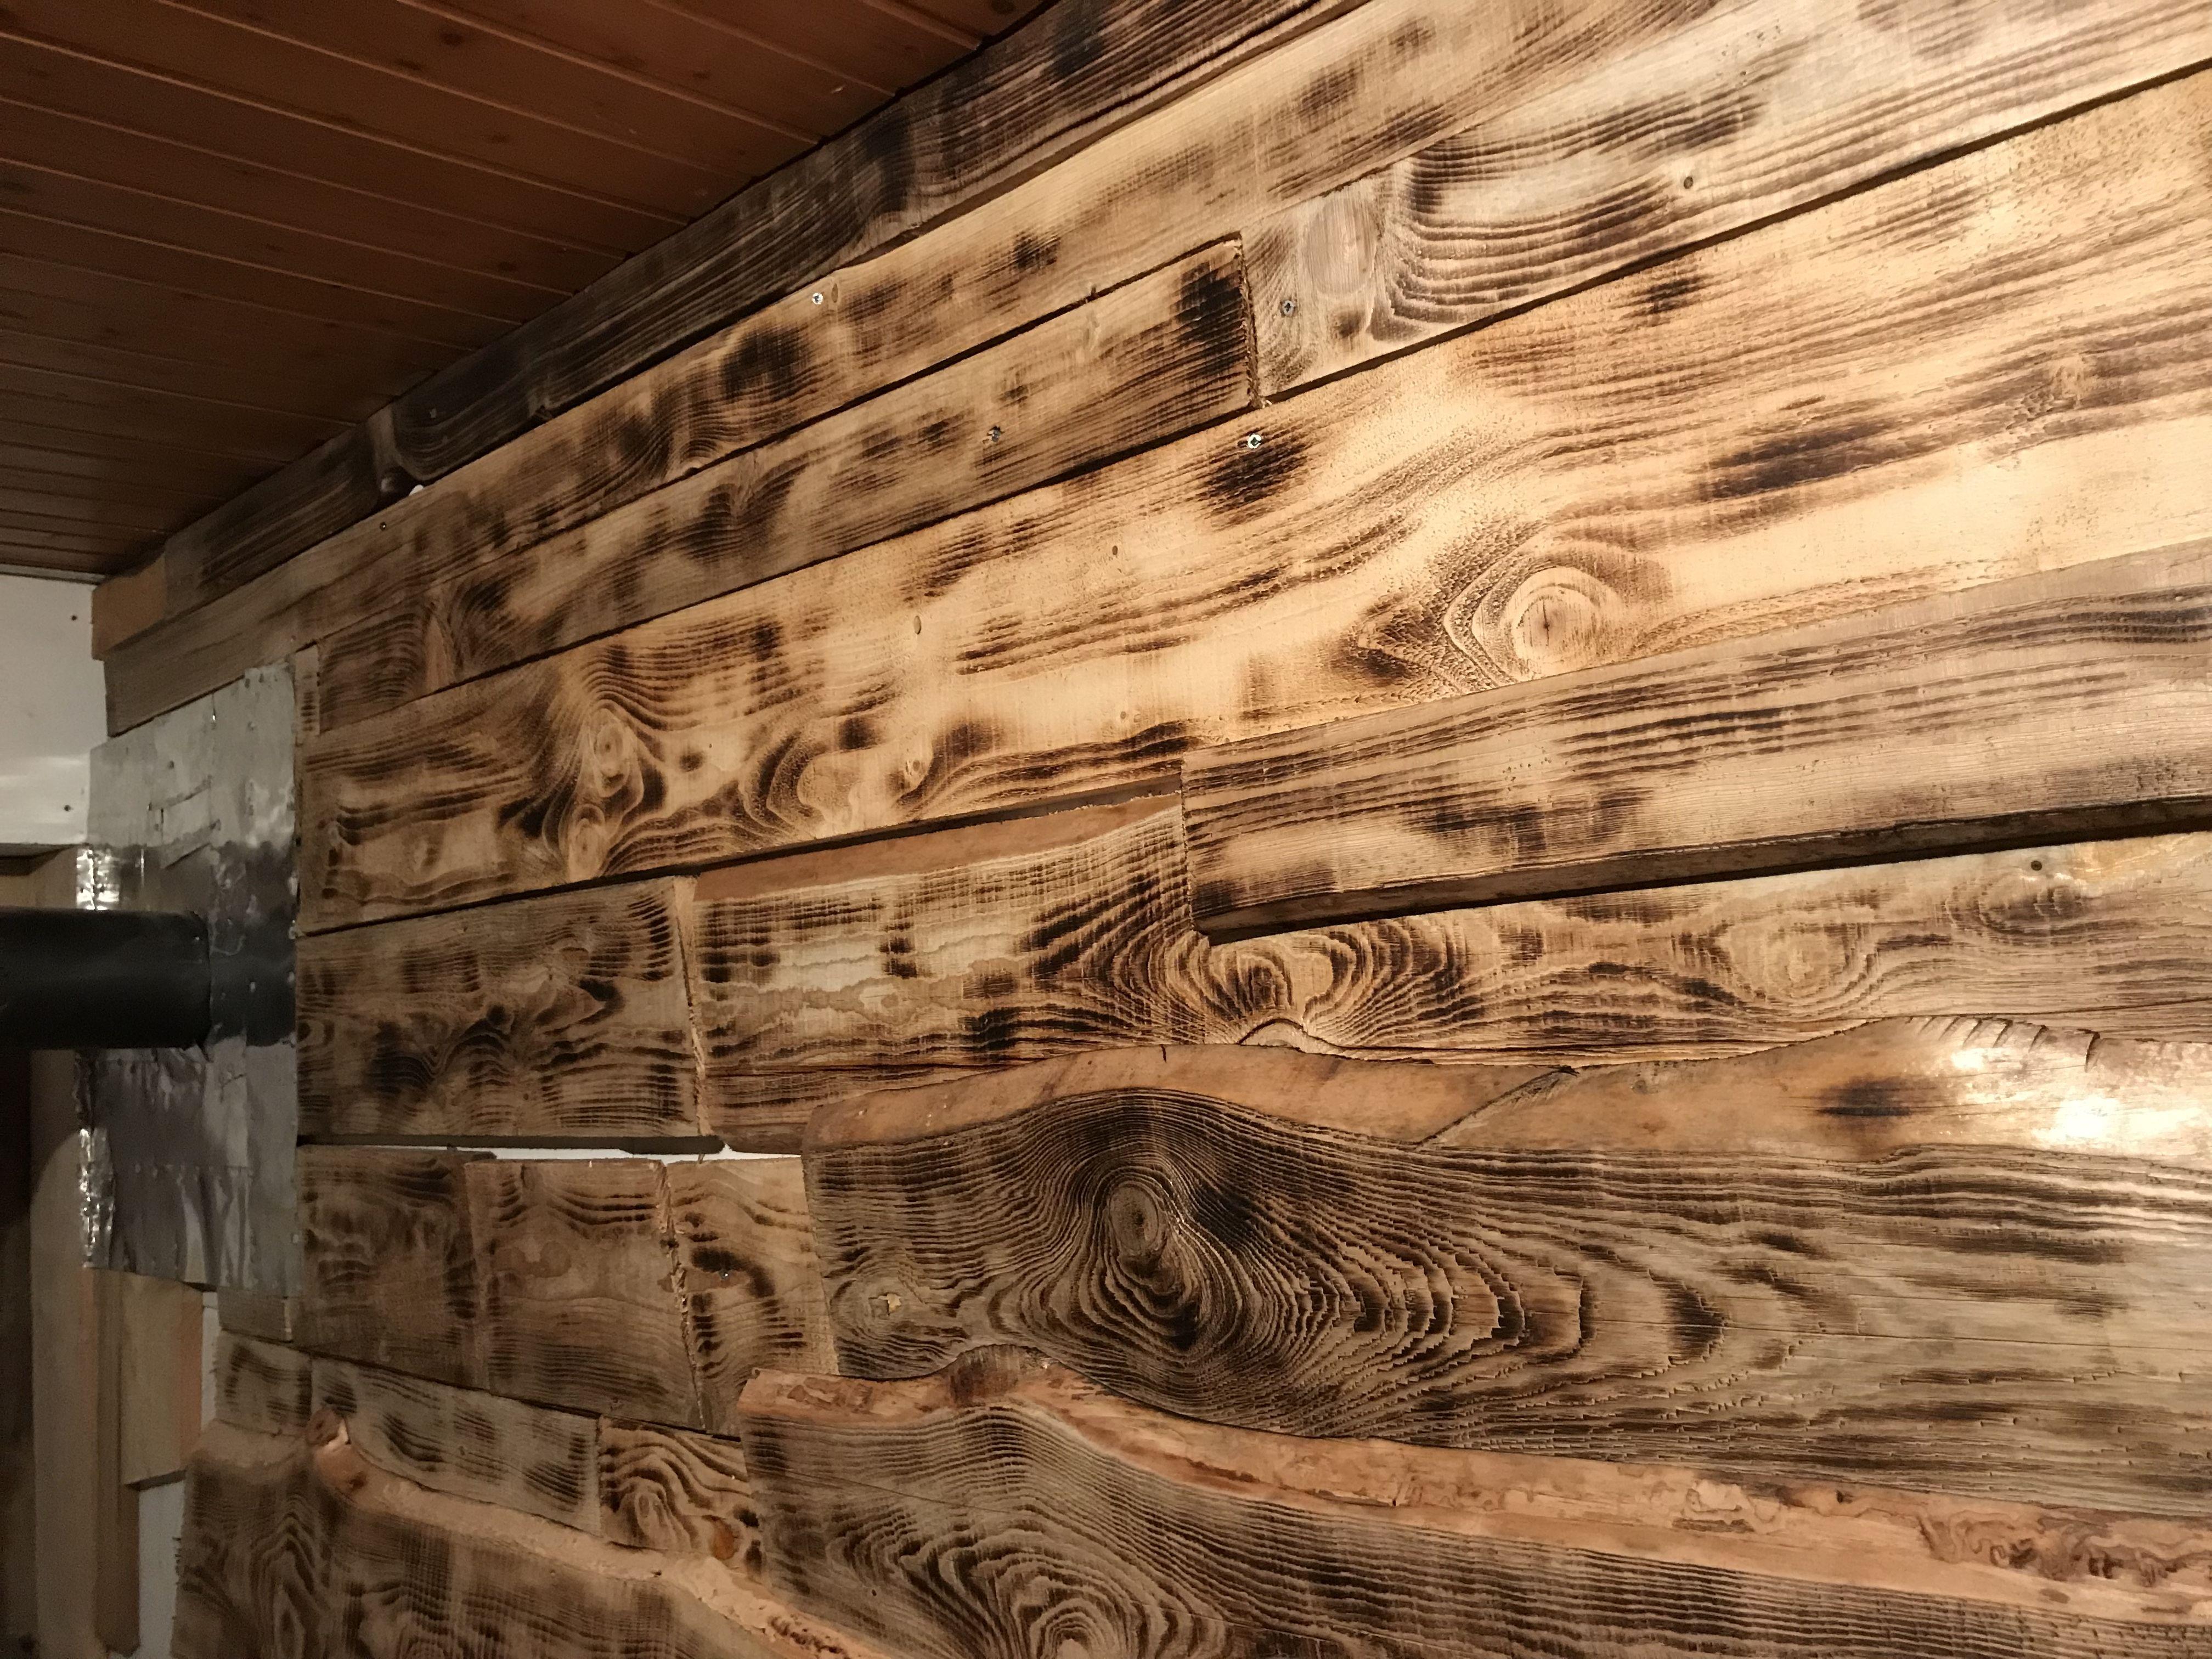 Hervorragend Wand mit Holz verkleidet | Wand mit Holz verkleidet | Wand mit KL11